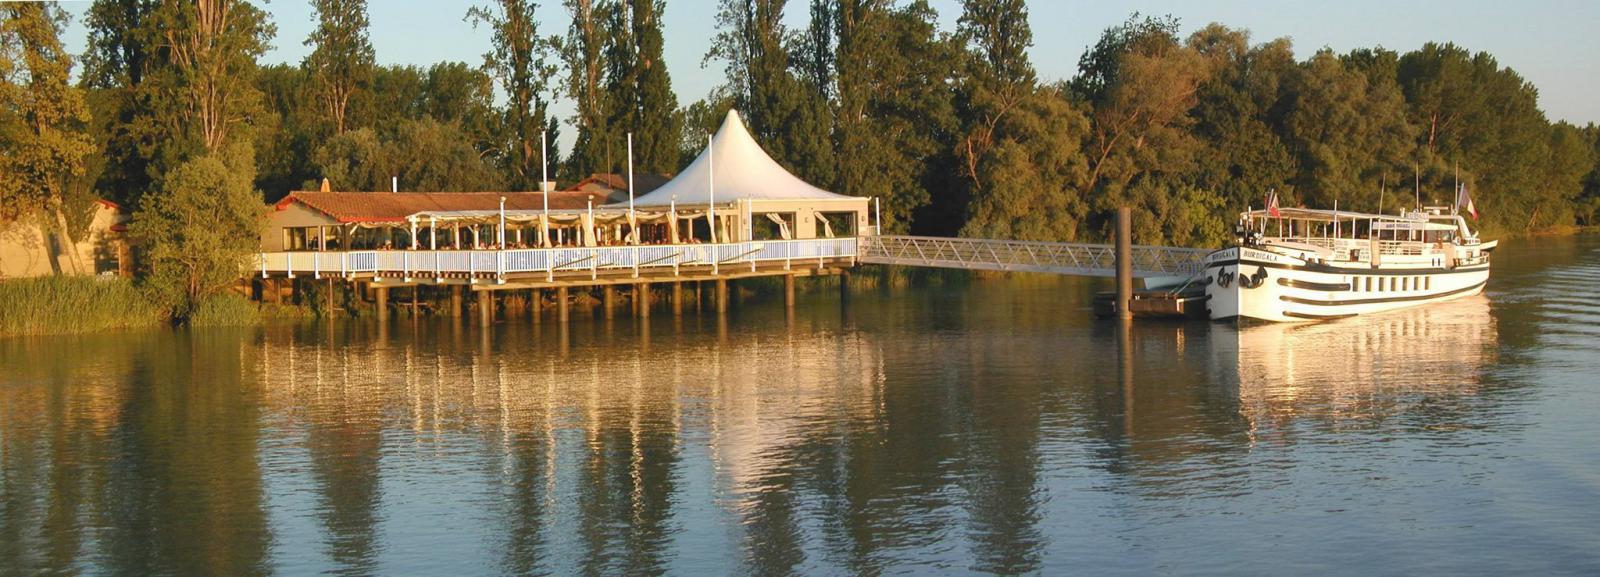 la maison du fleuve guinguette camblan 232 s et meynac 33360 camblanes et meynac epaillote